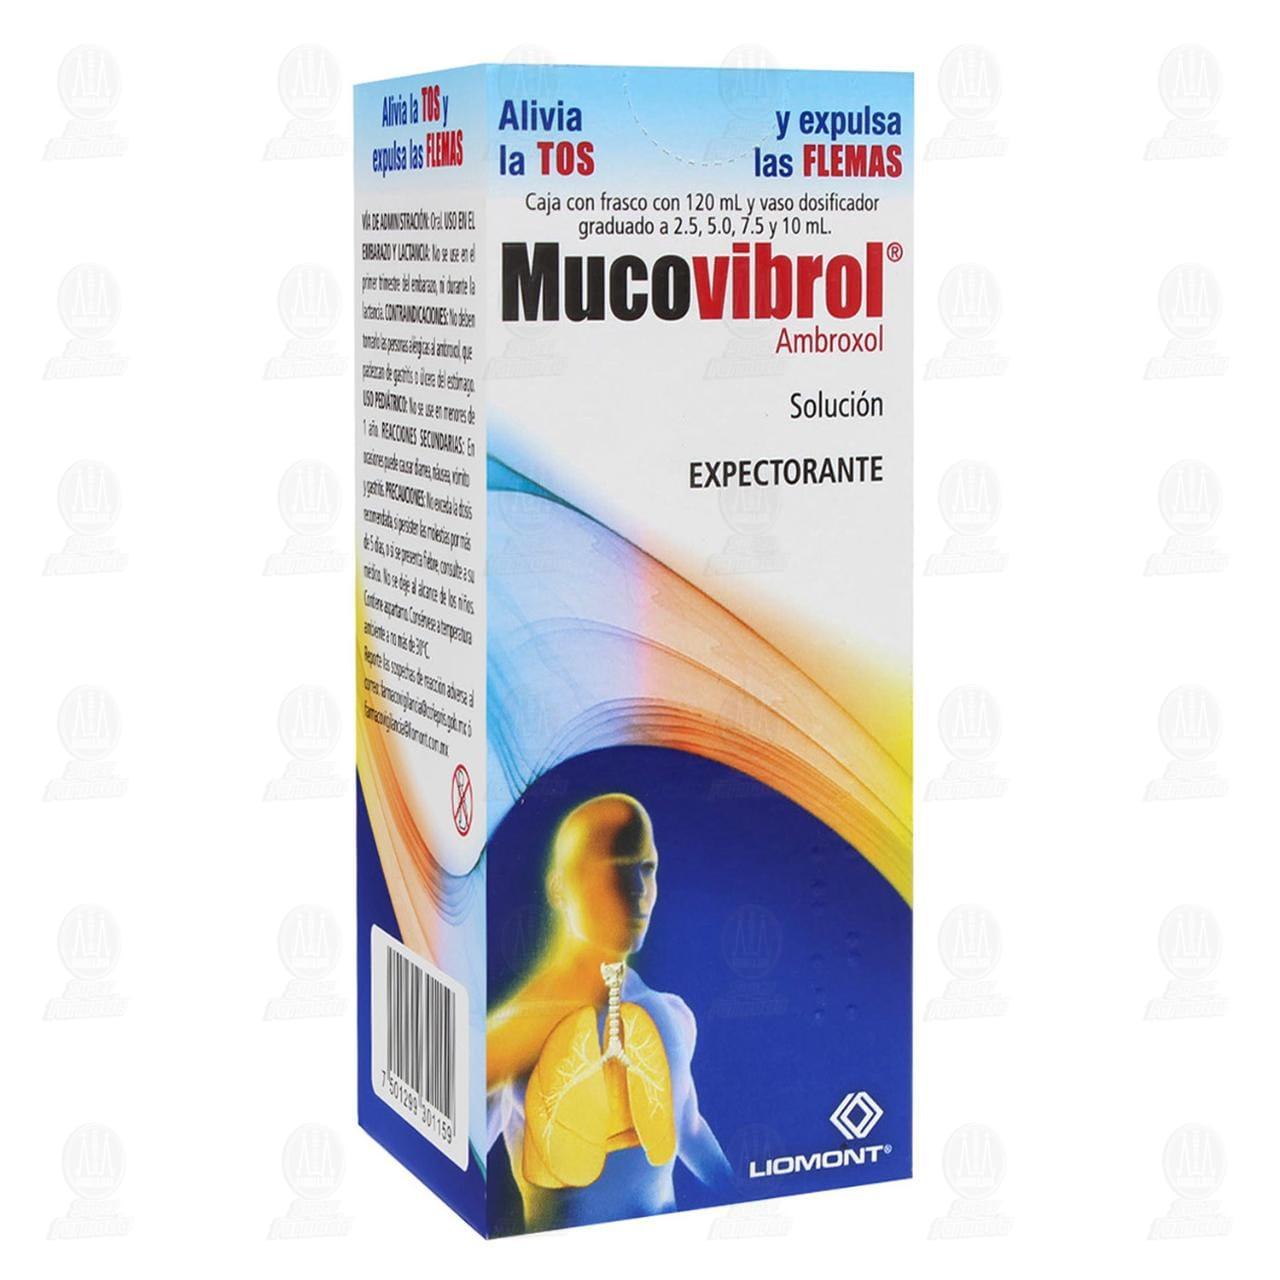 comprar https://www.movil.farmaciasguadalajara.com/wcsstore/FGCAS/wcs/products/105074_A_1280_AL.jpg en farmacias guadalajara